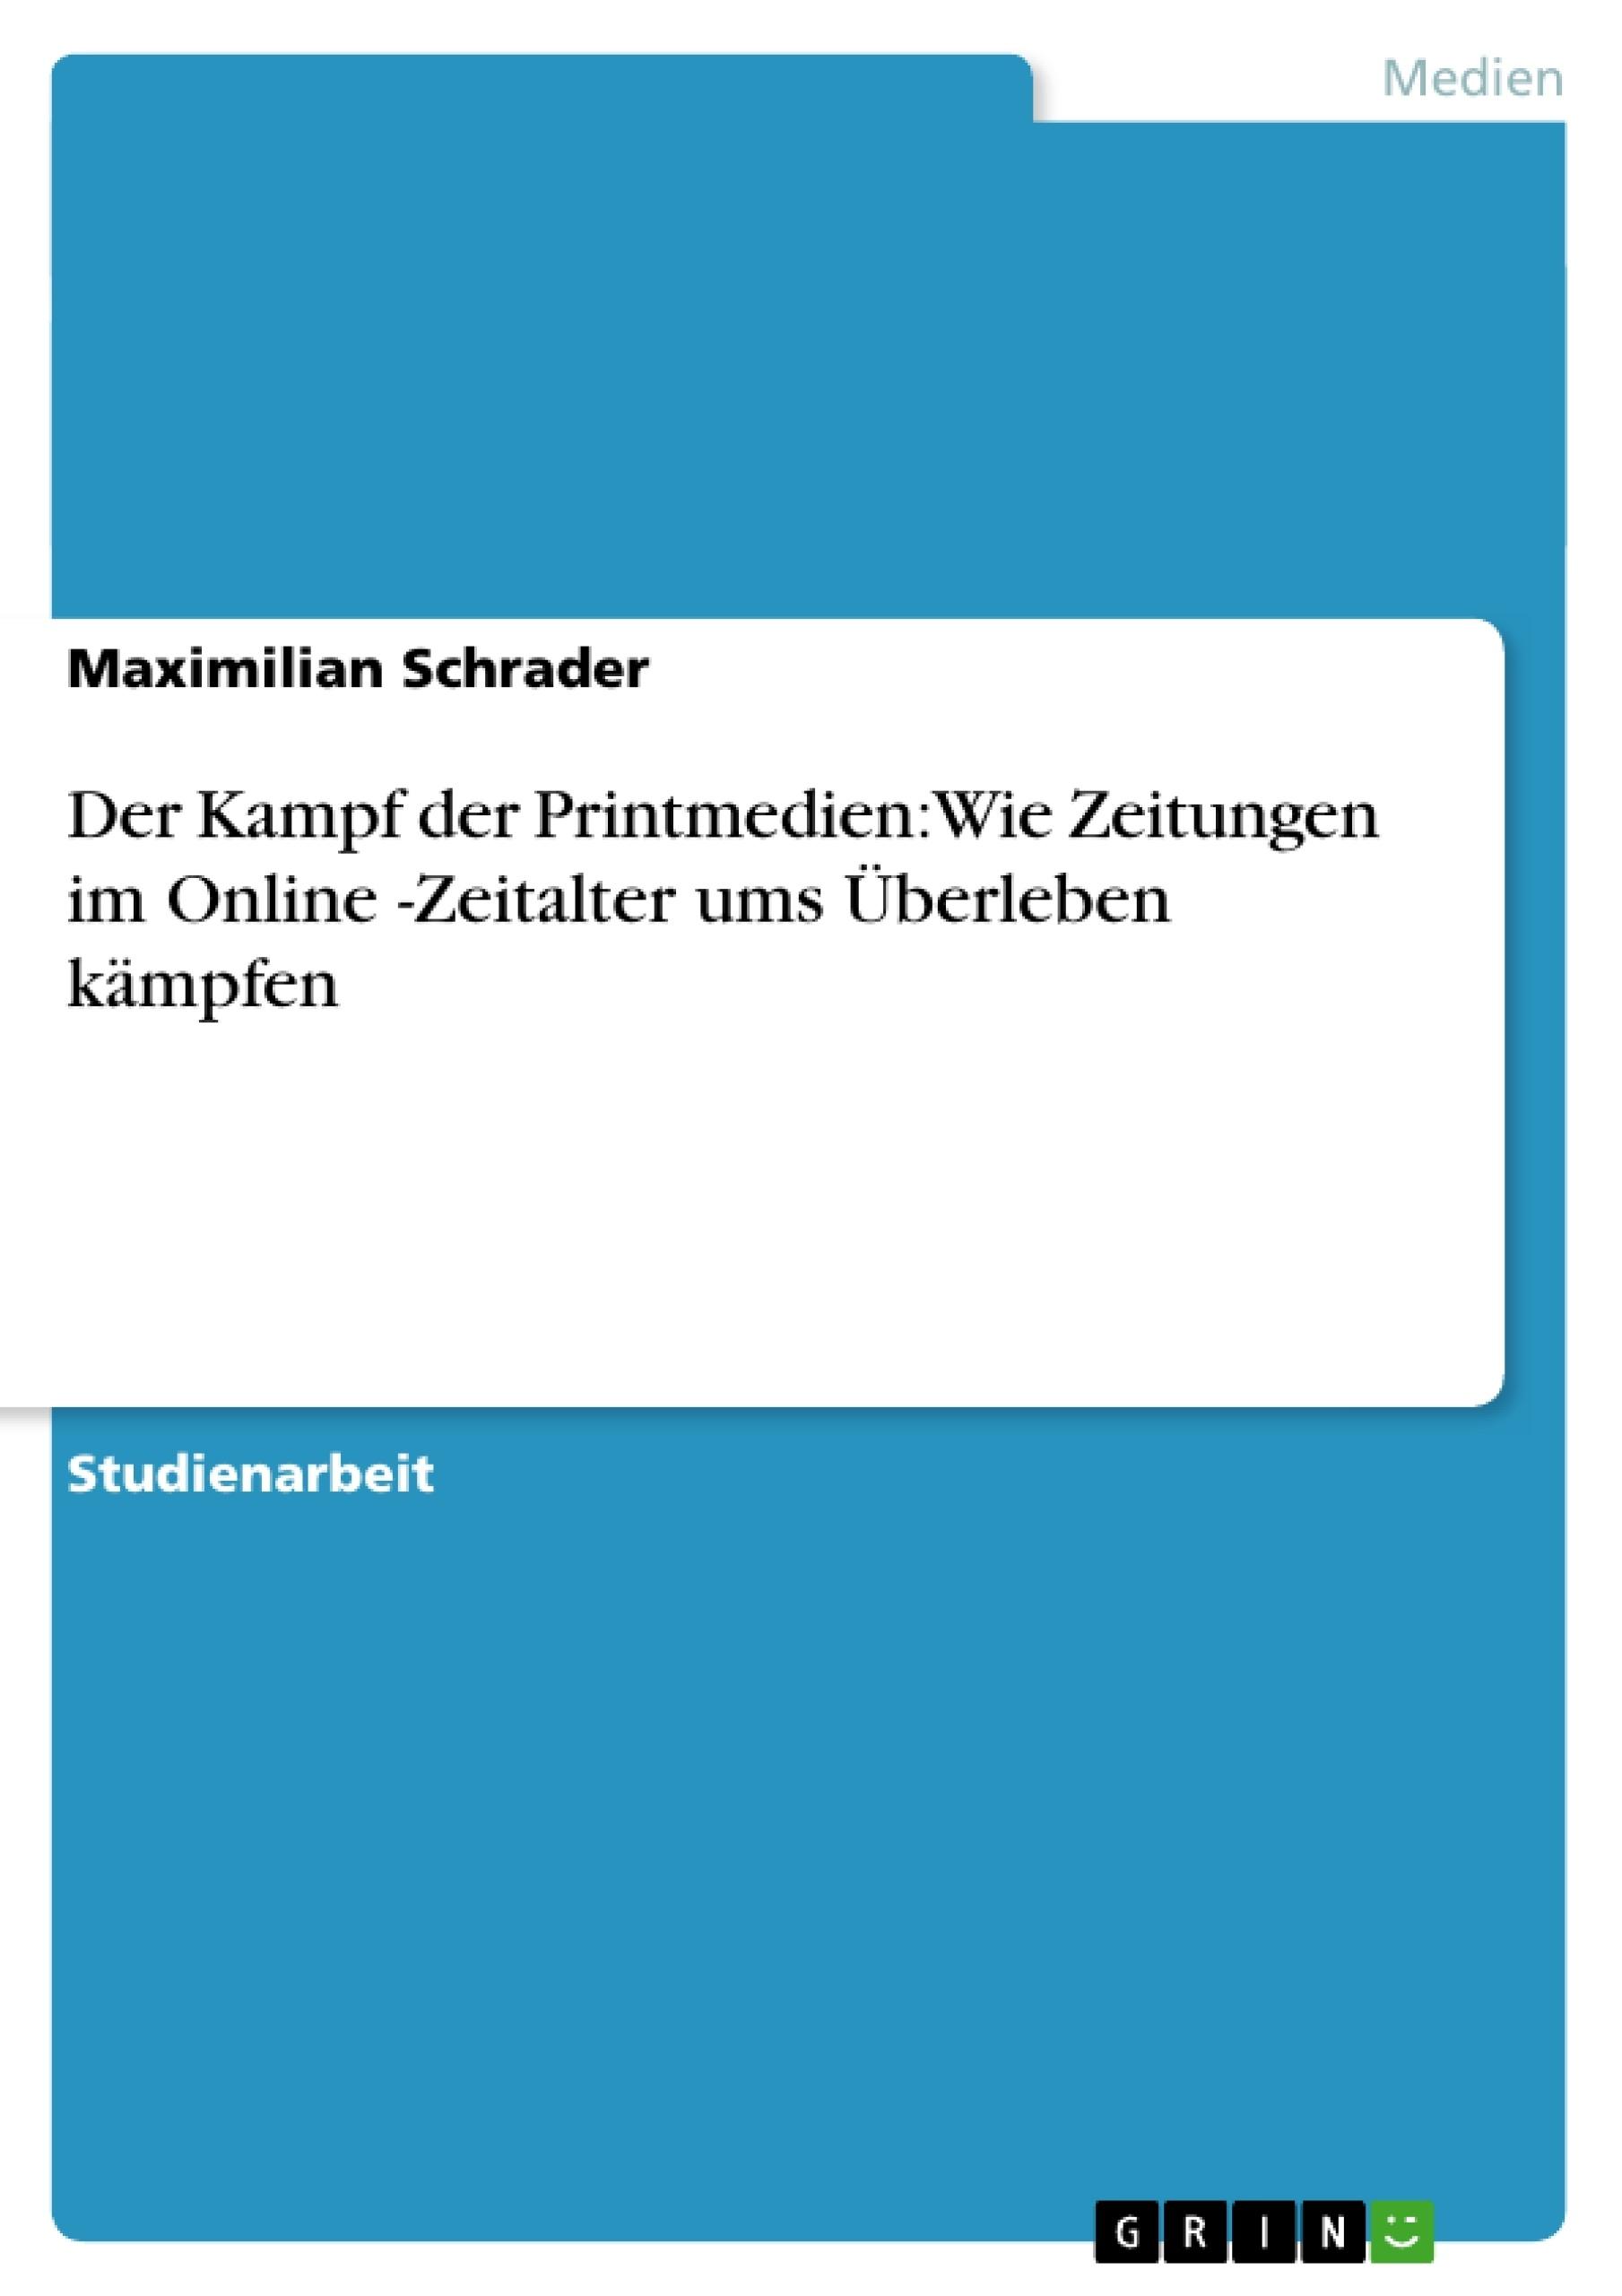 Titel: Der Kampf der Printmedien: Wie Zeitungen im Online -Zeitalter ums Überleben kämpfen